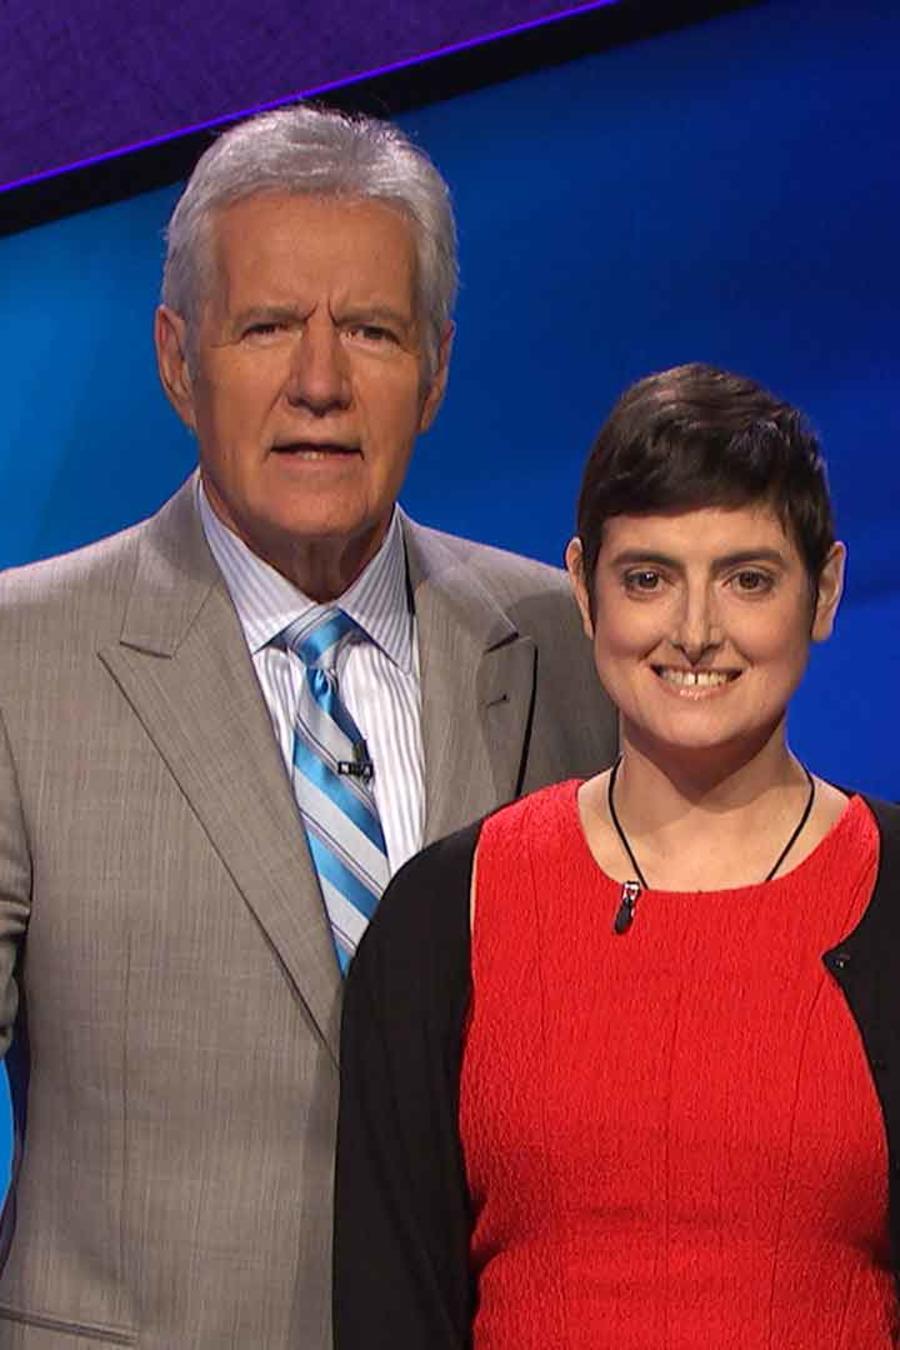 Concursante del programa Jeopardy quien murió de cáncer